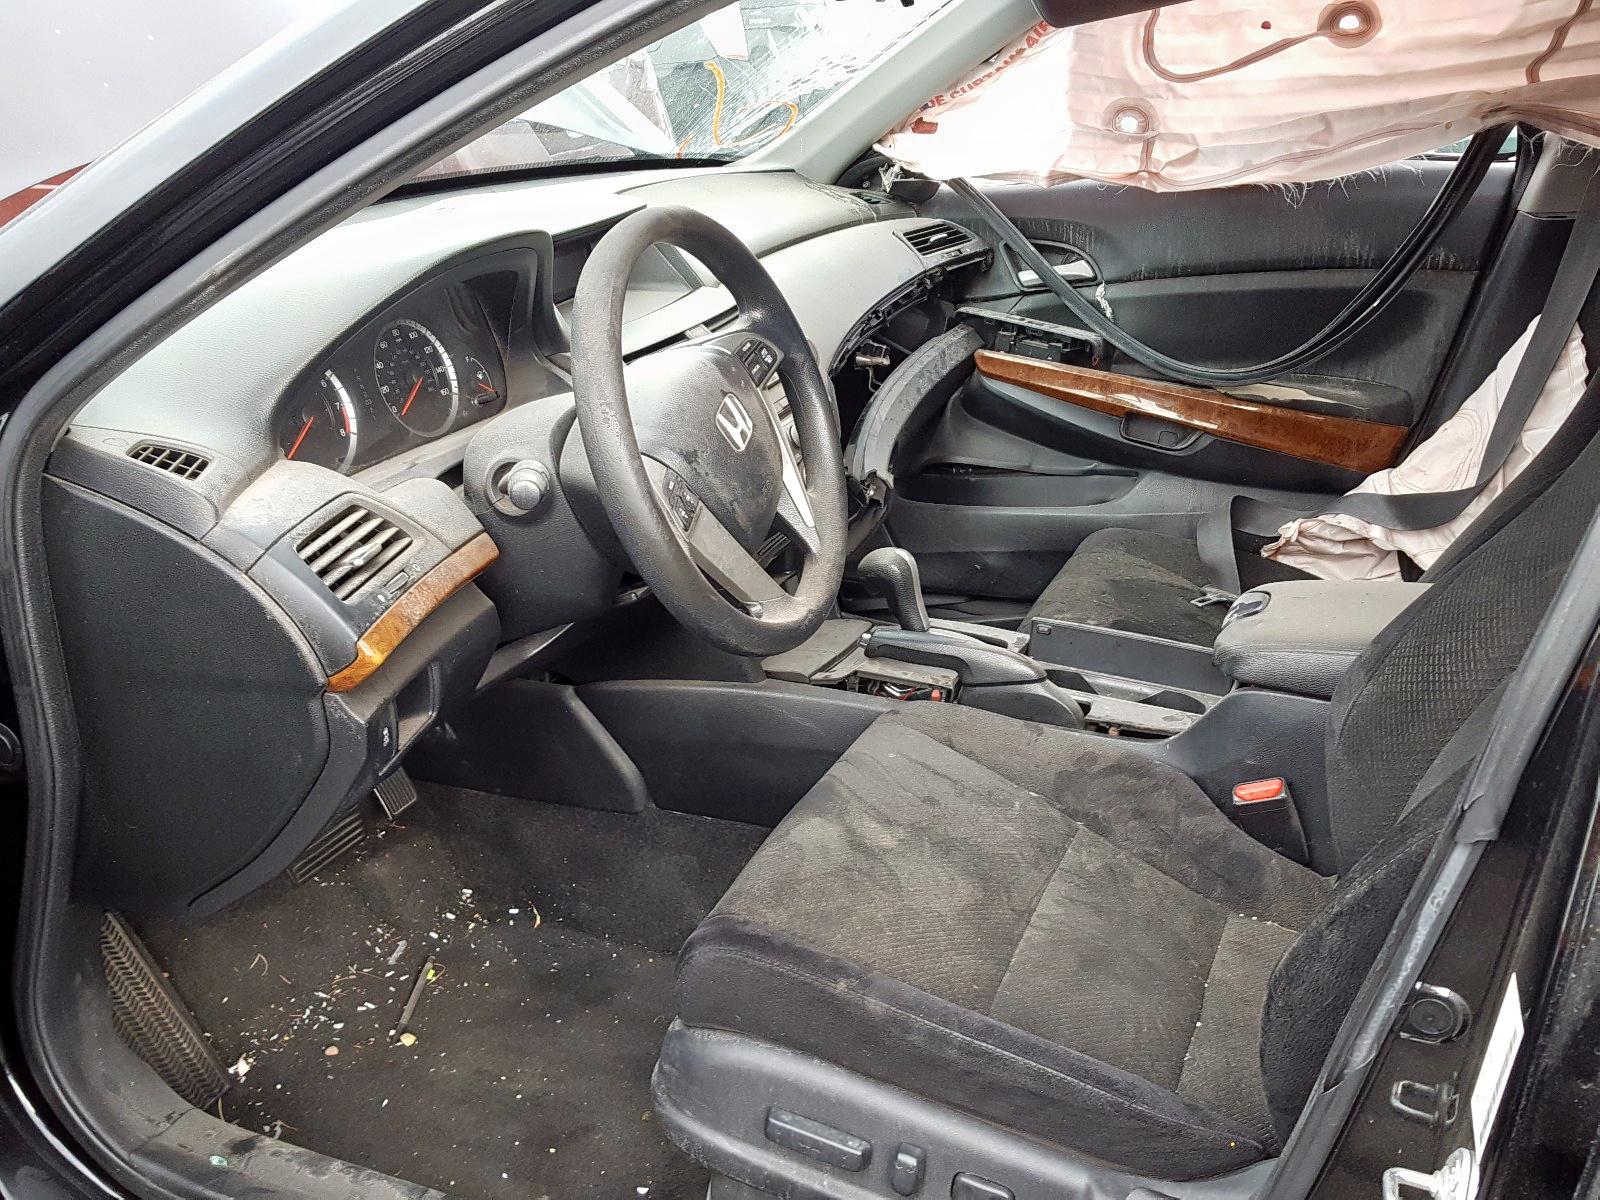 2011 Honda Accord Ex 2.4L close up View